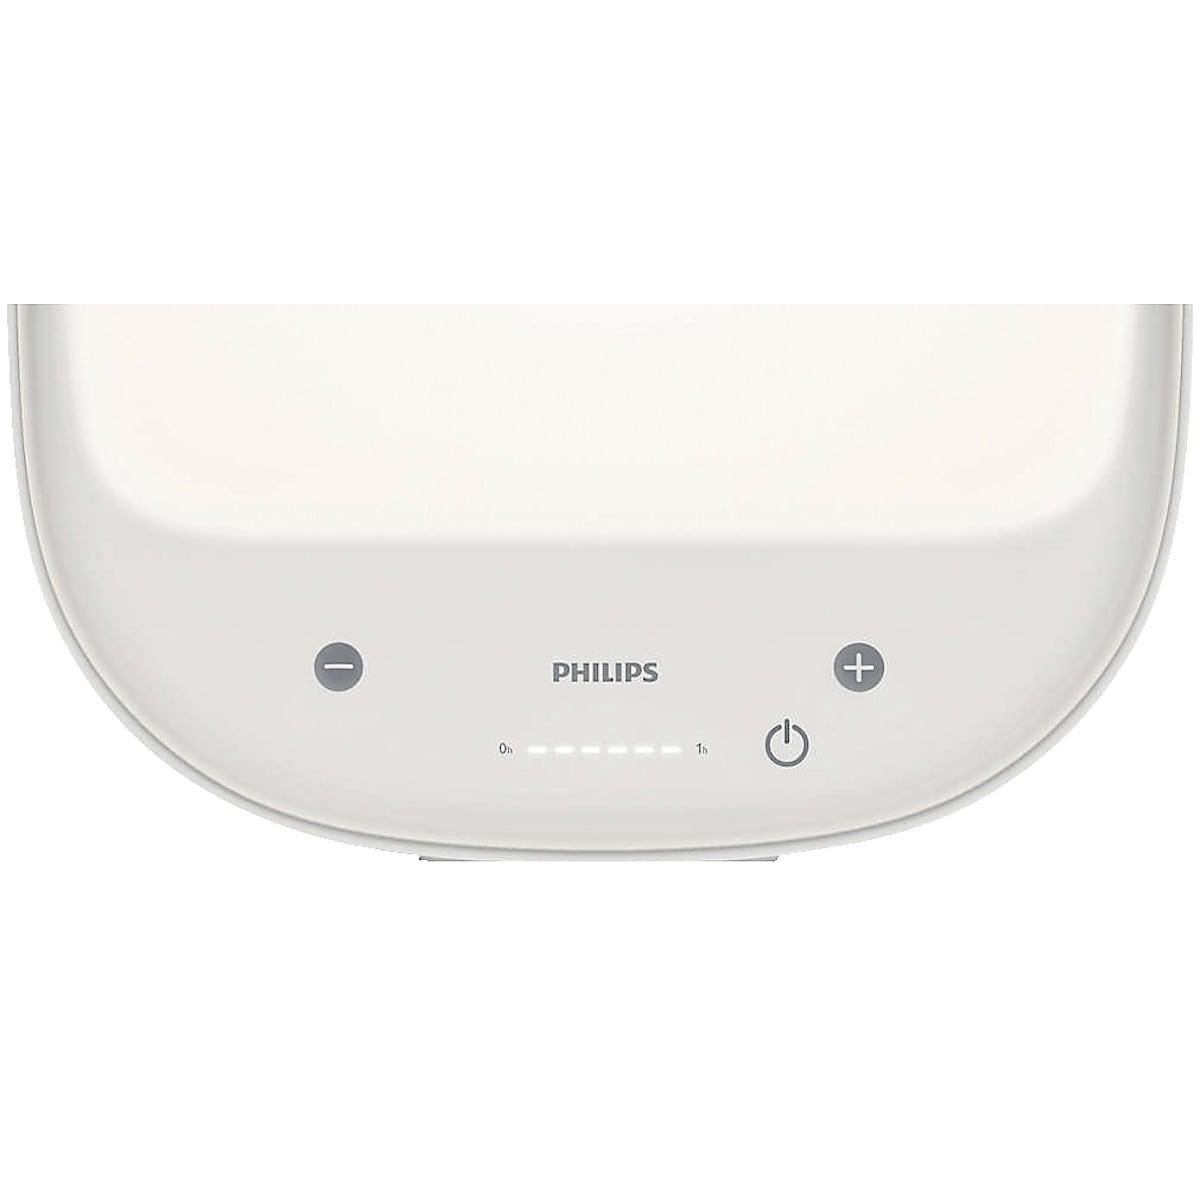 Energilampa Philips HF3419